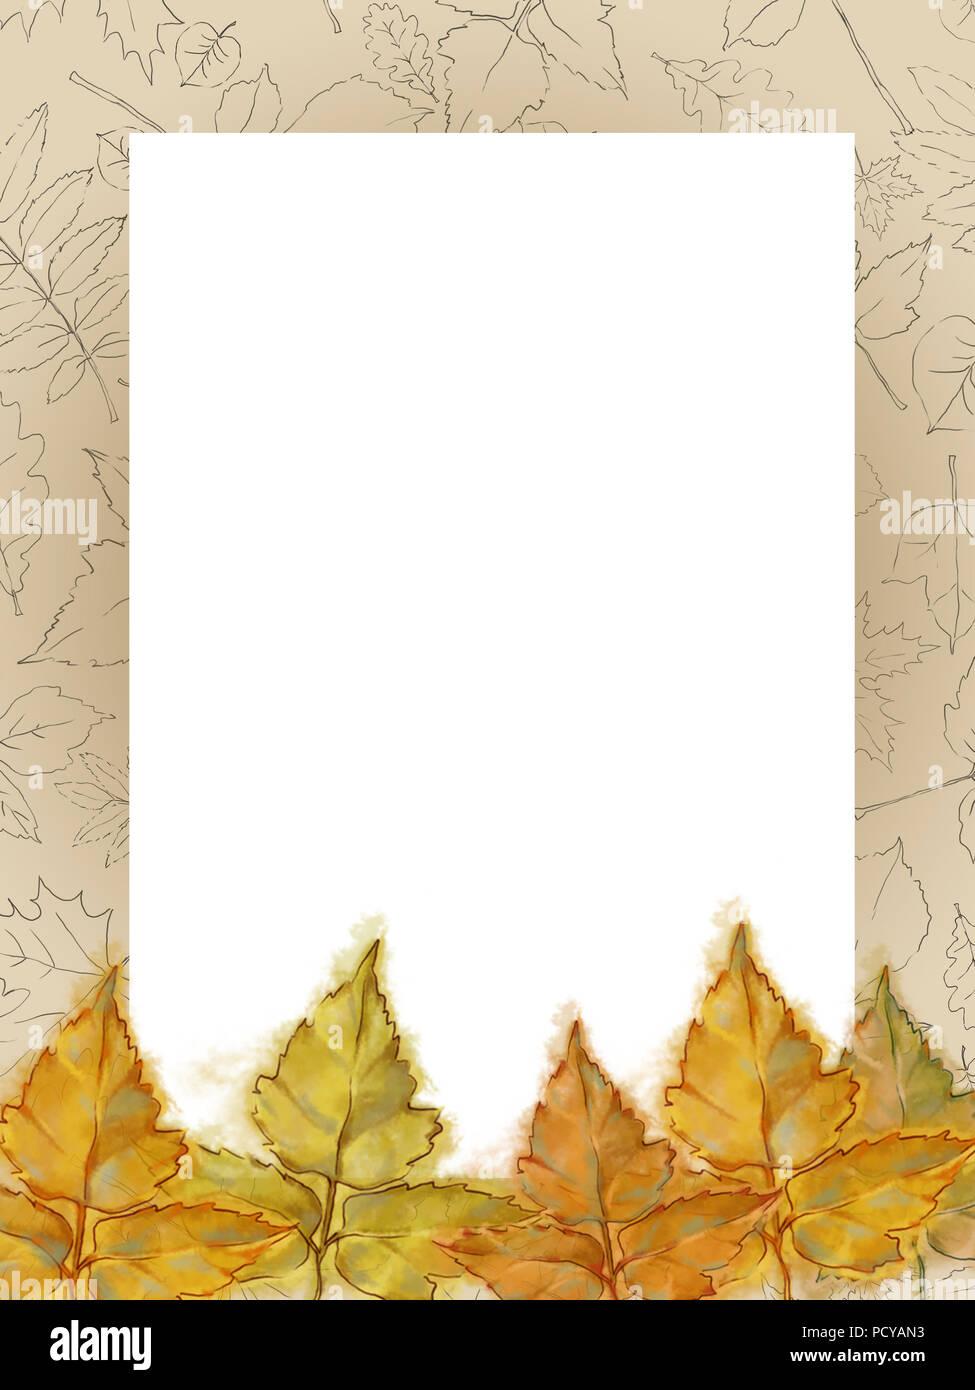 Herbstliche Vorlage mit Zeichnung gemusterten Rahmen und gelbe Blätter. Gerahmte Text kopieren Raum dekoriert mit Aquarell und Zeile verlässt. Stockfoto